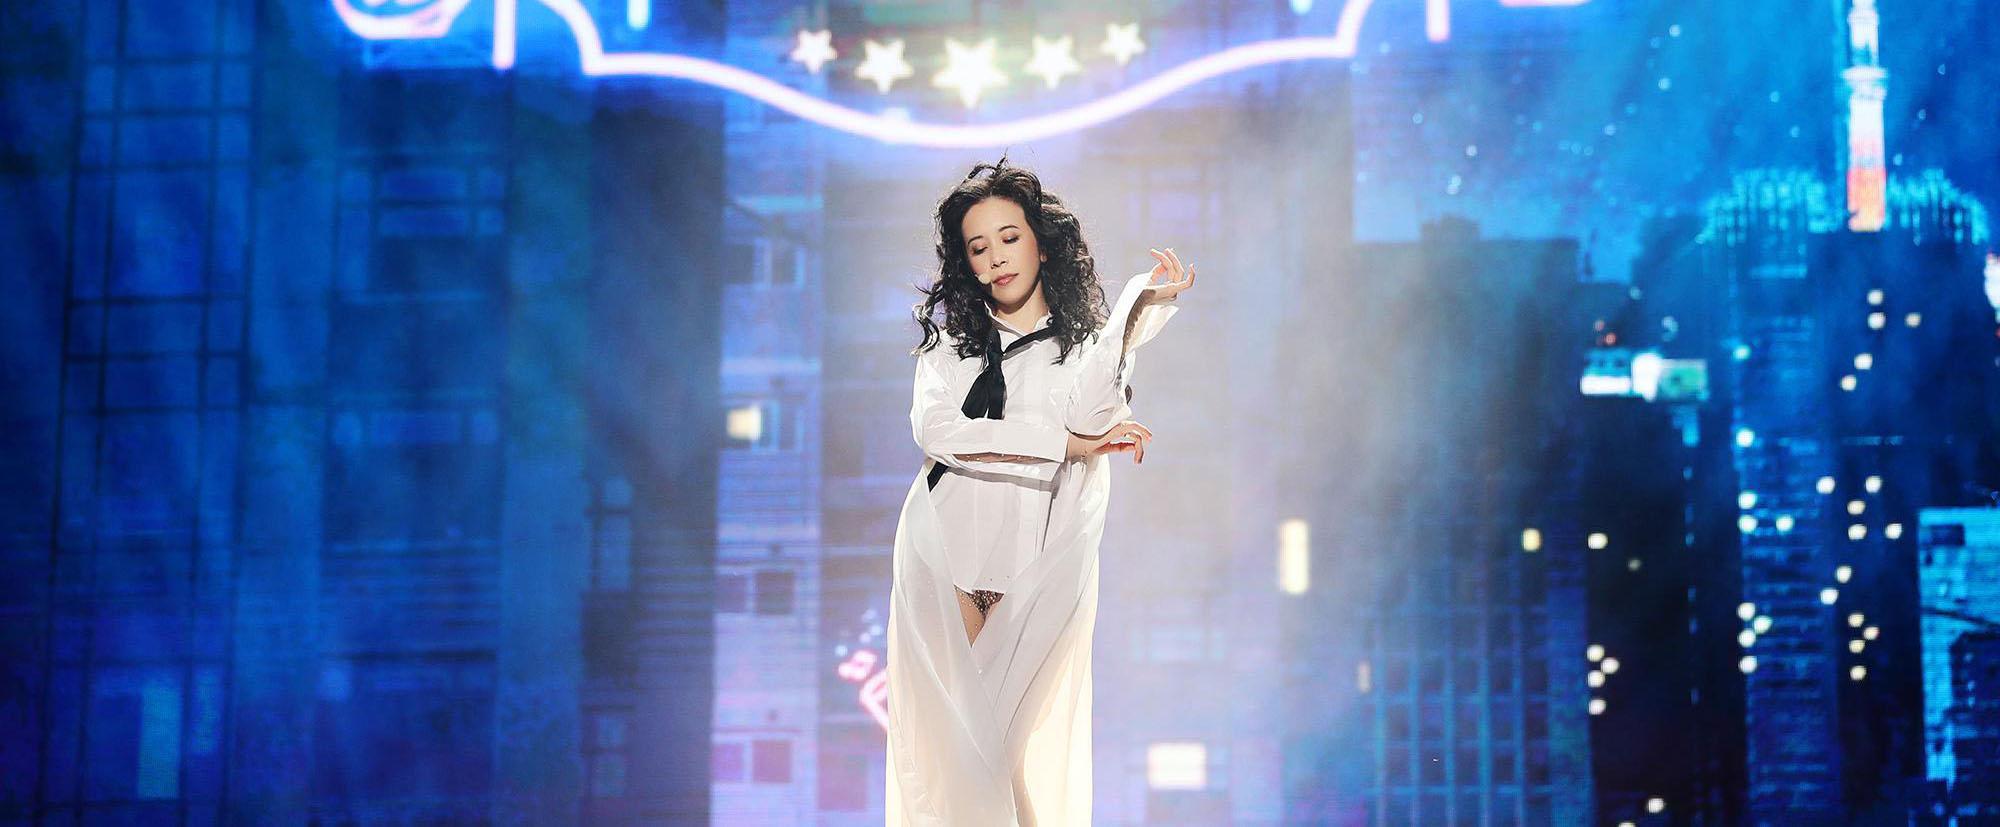 11月莫文蔚巡演登陆北京 9月26日开启预售